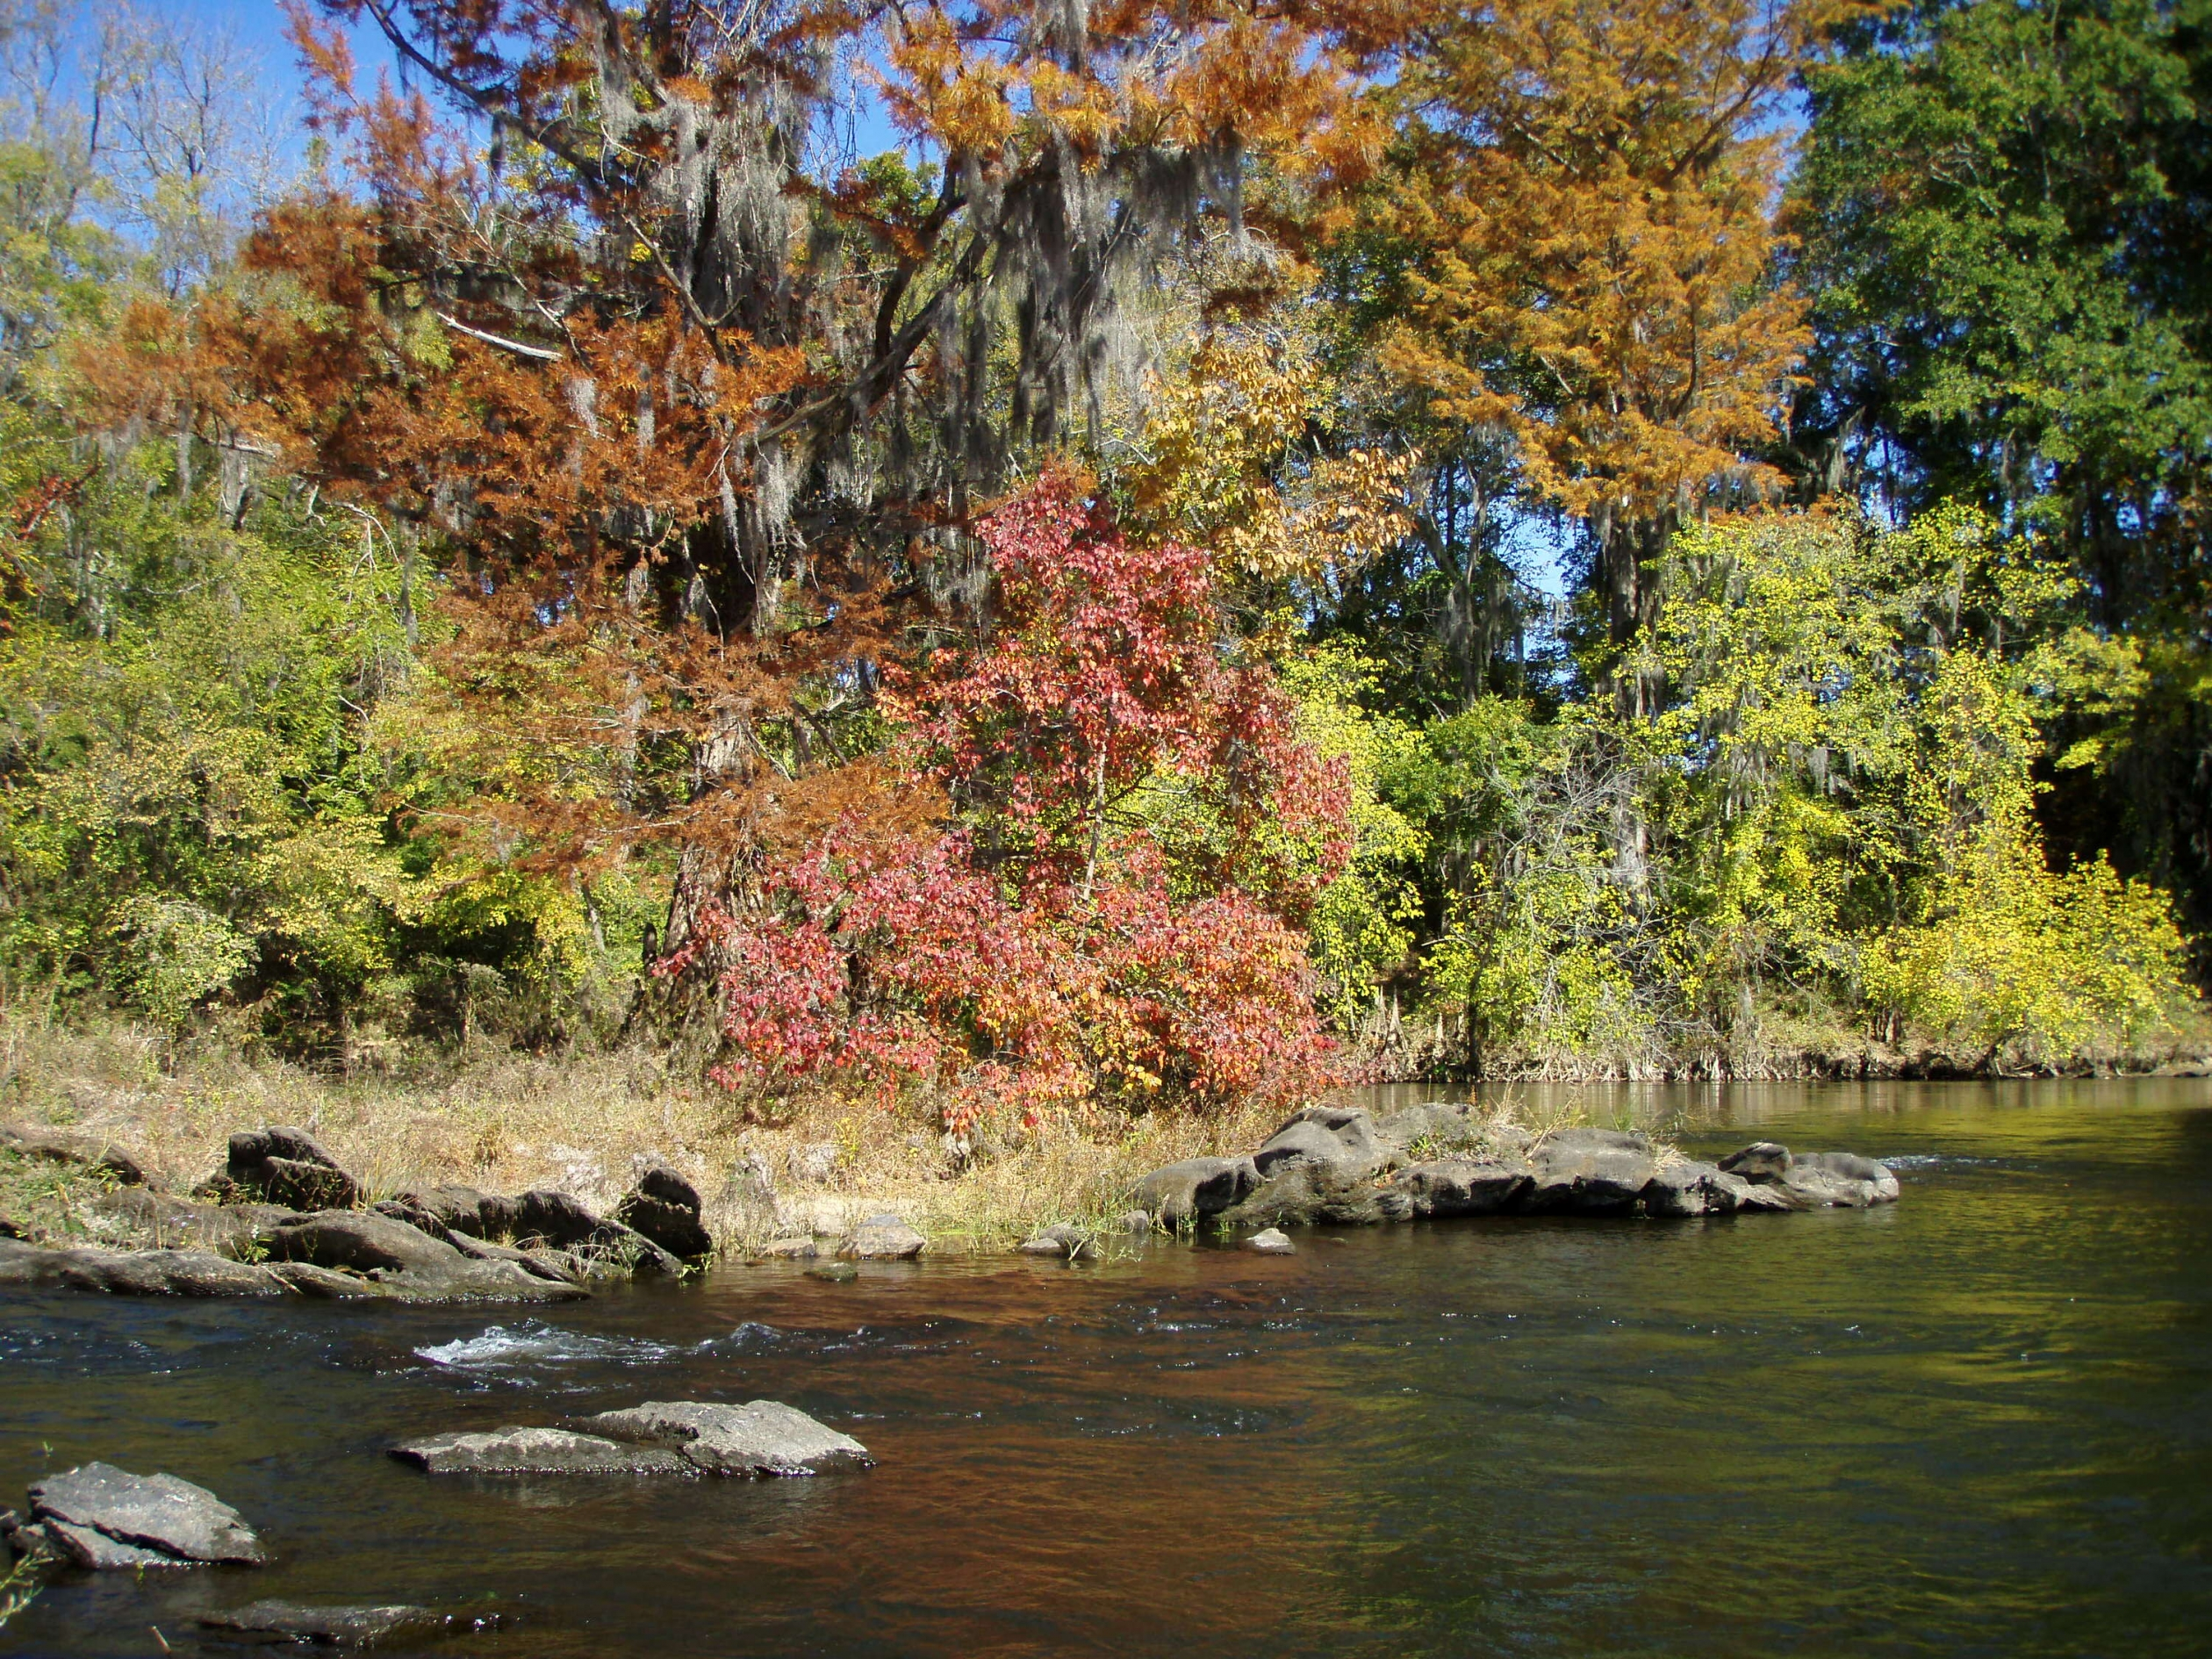 Rojo, naranja y hojas verdes en árboles que bordean las orillas del río Coosa Alabama a lo largo del río rastro escénico